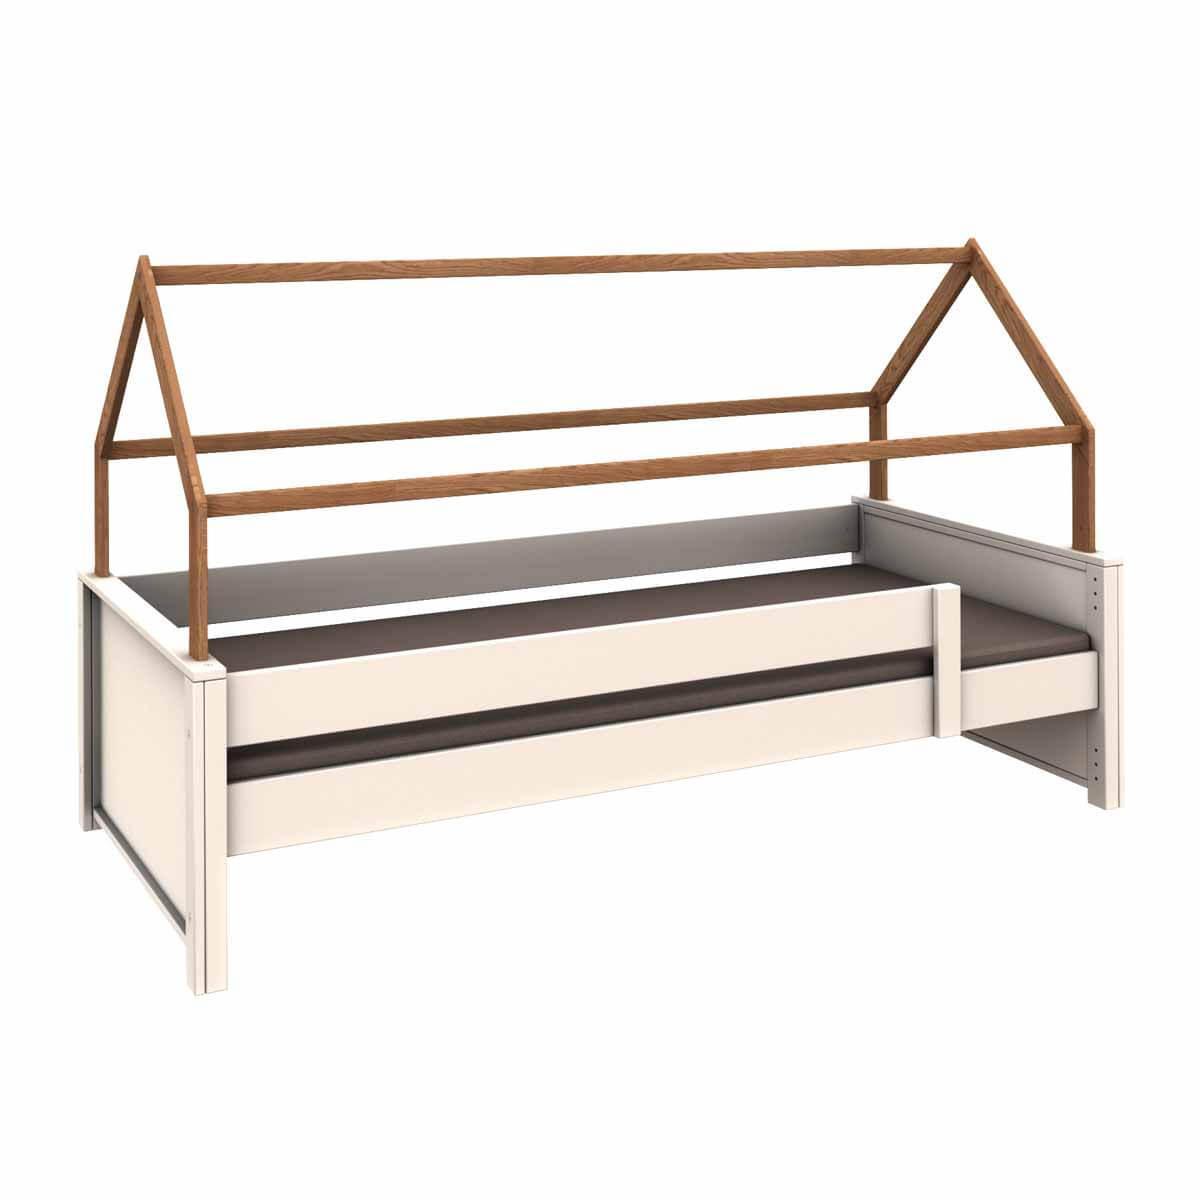 Cama-sofá protección anticaídas bajo-estructura techo KASVA haya lacado blanco-chapa roble aceitado